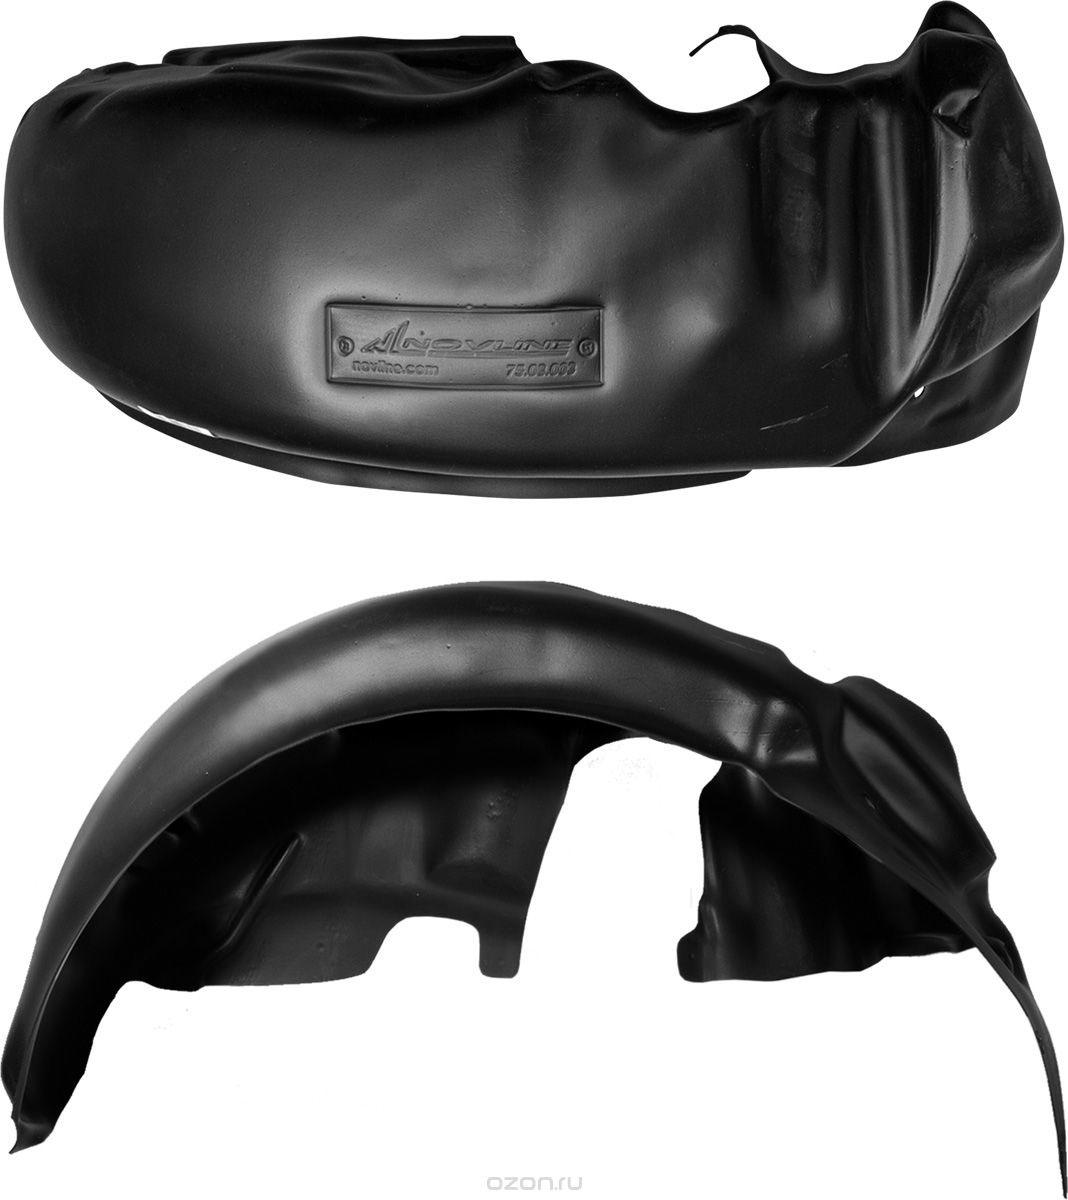 Подкрылок Novline-Autofamily, для Chery Tiggo 5 FL, 2016->, кроссовер, передний левыйNLL.63.17.001Идеальная защита колесной ниши. Локеры разработаны с применением цифровых технологий, гарантируют максимальную повторяемость поверхности арки. Изделия устанавливаются без нарушения лакокрасочного покрытия автомобиля, каждый подкрылок комплектуется крепежом. Уважаемые клиенты, обращаем ваше внимание, что фотографии на подкрылки универсальные и не отражают реальную форму изделия. При этом само изделие идет точно под размер указанного автомобиля.